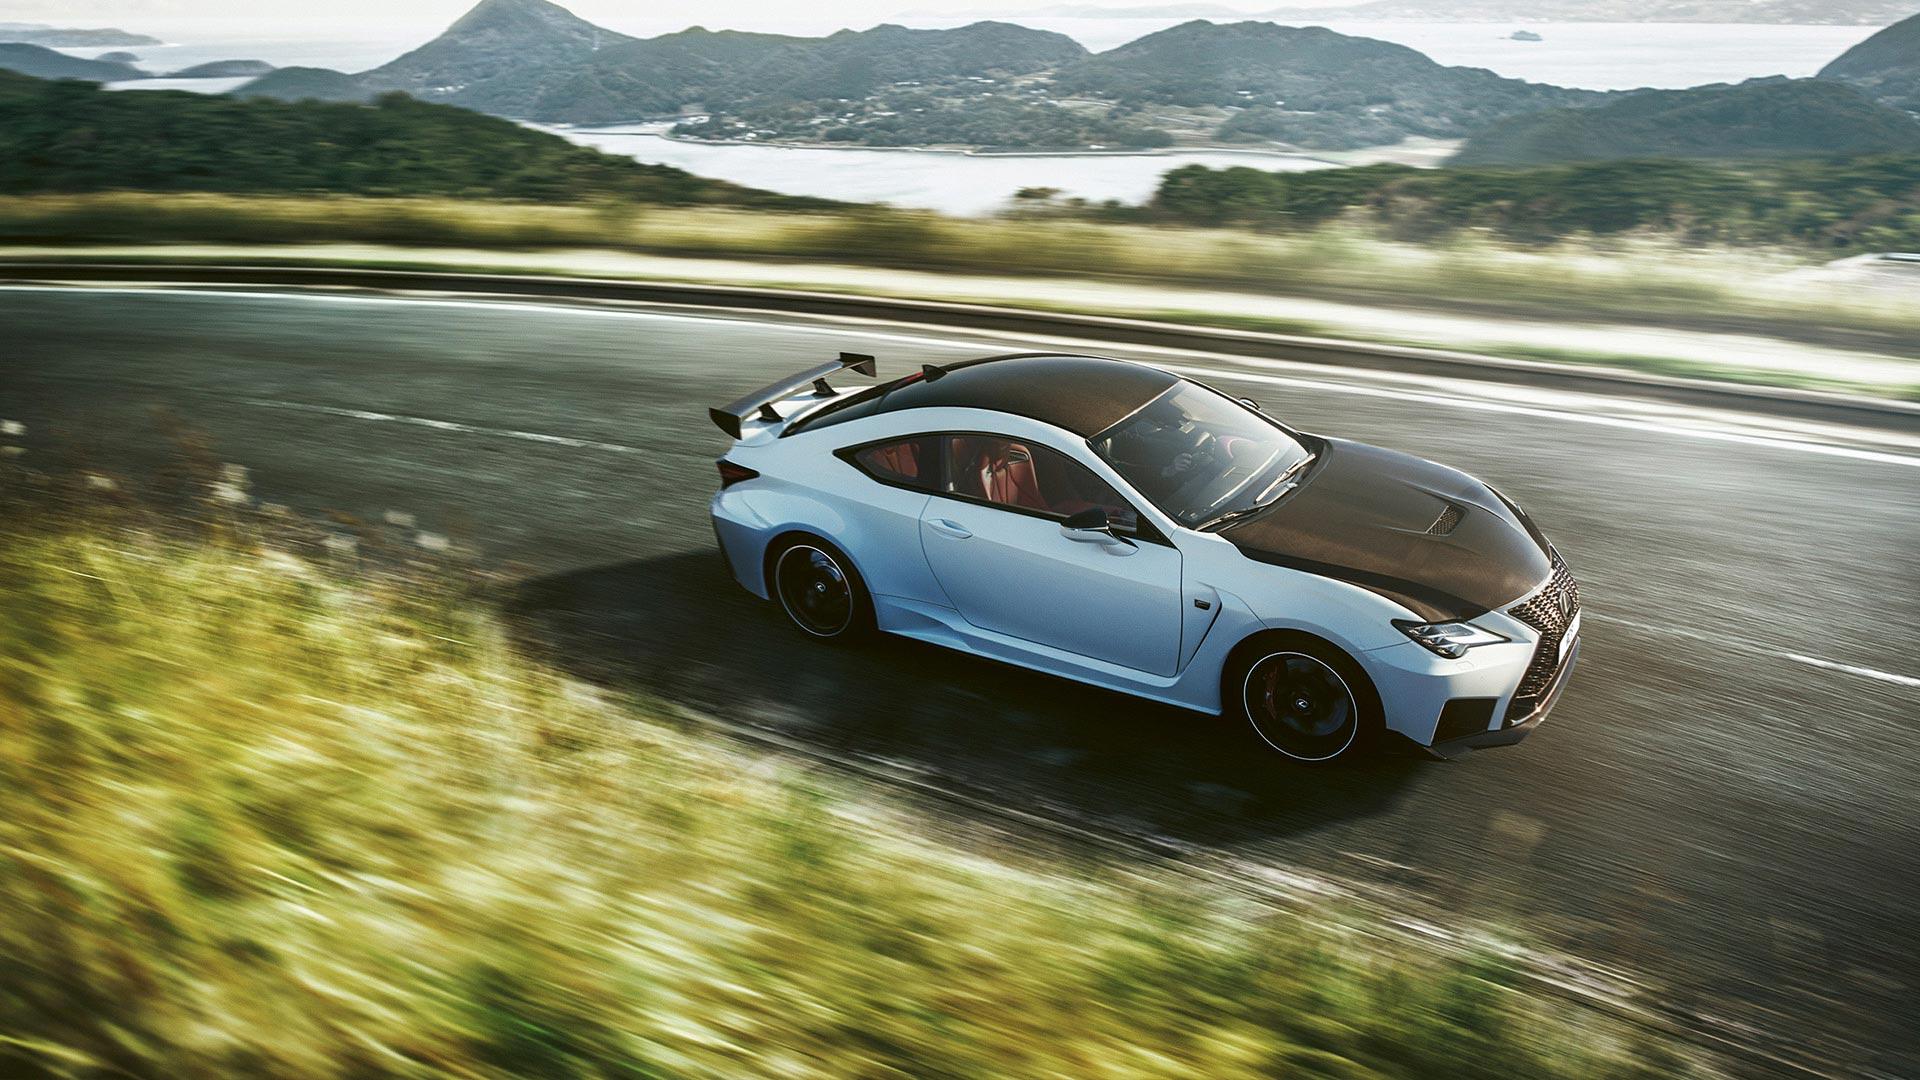 Lexus RC F Seitenansicht fahrend